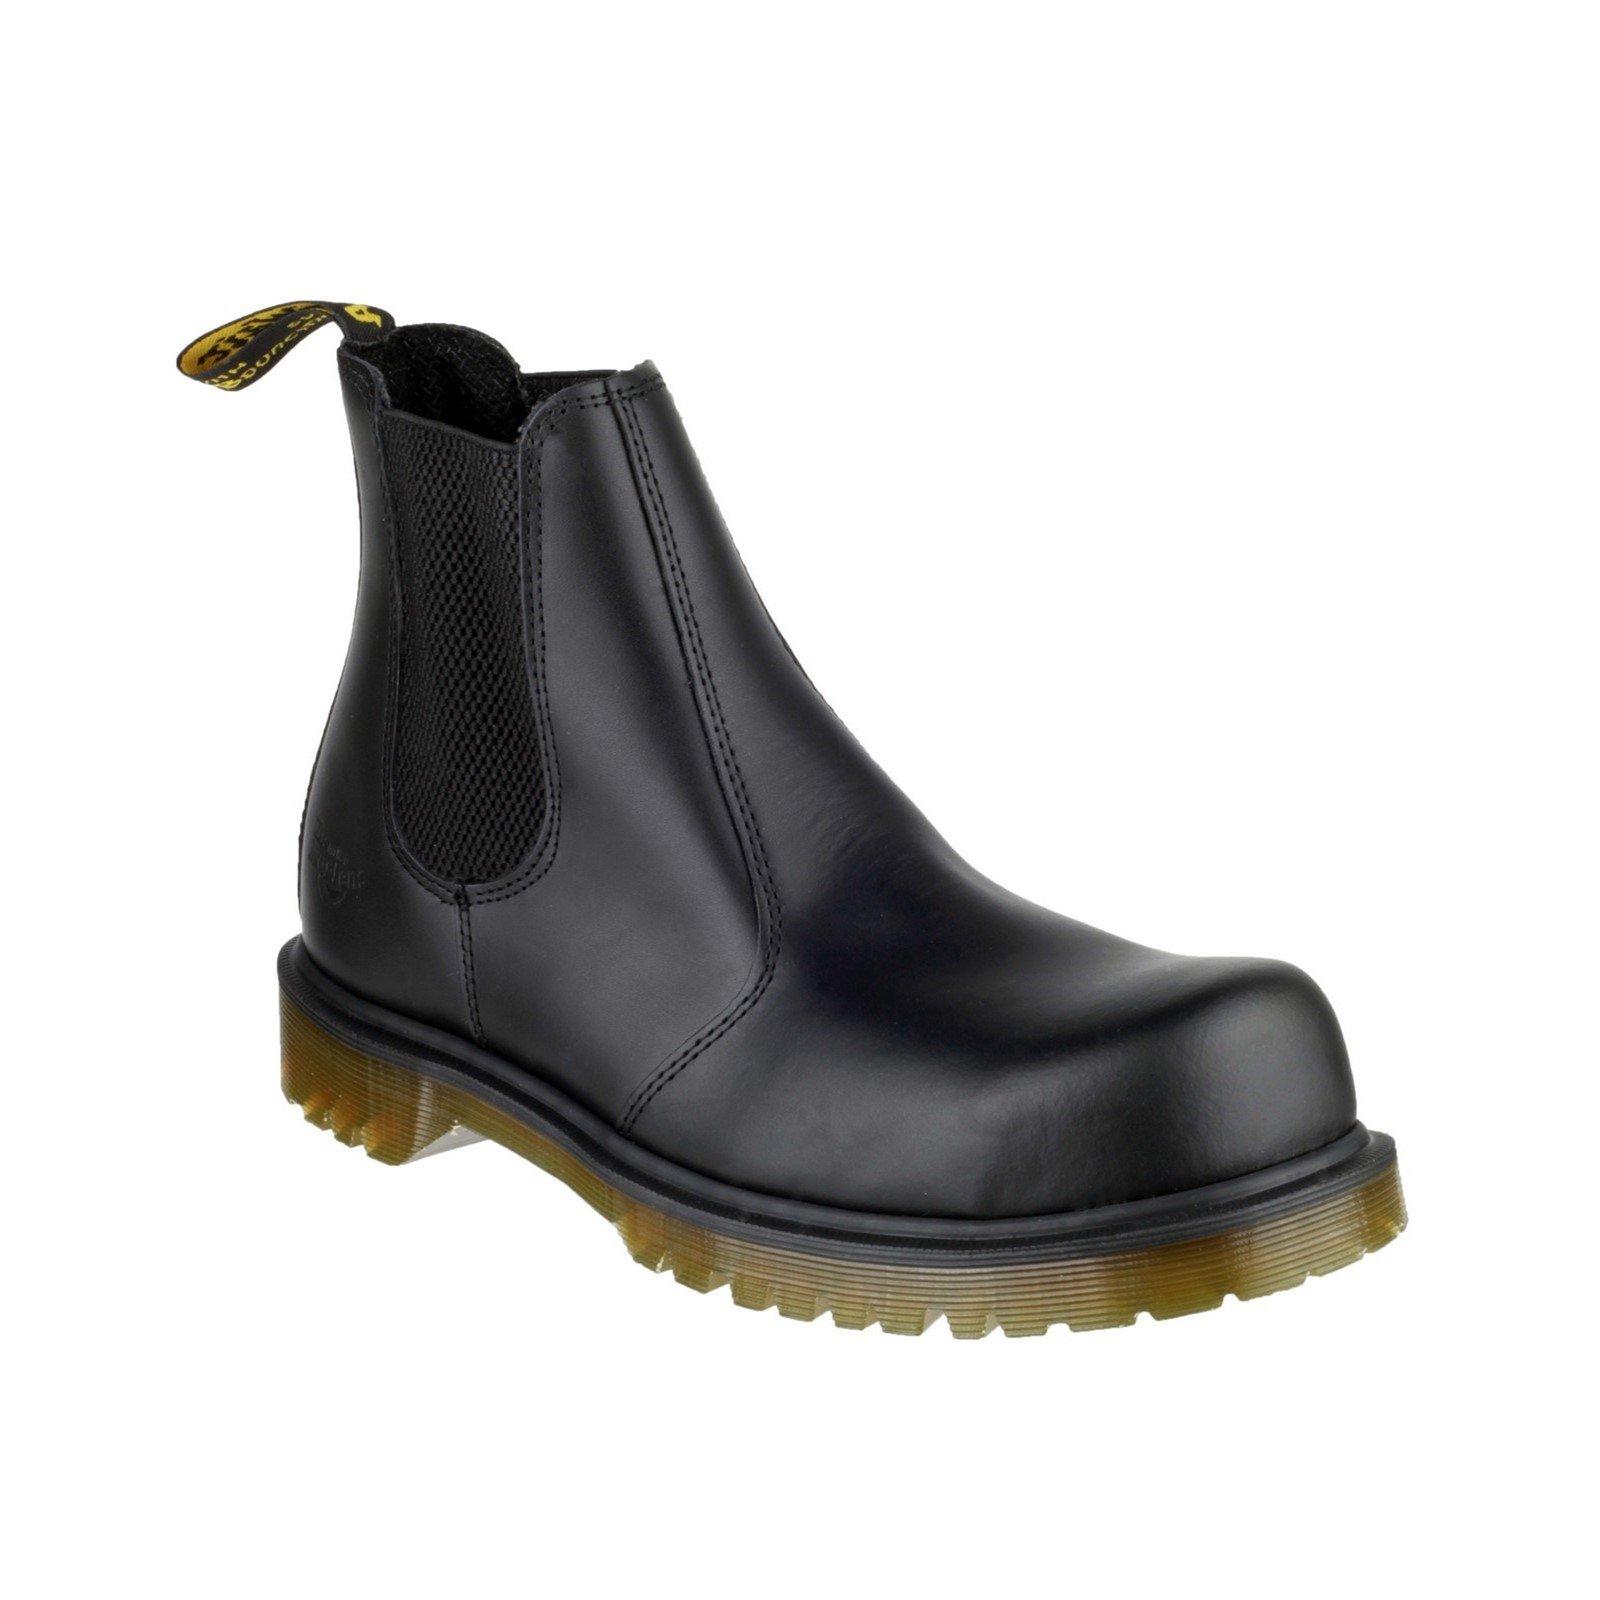 Dr Martens Unisex Dealer Boot Black 00496 - Black 6